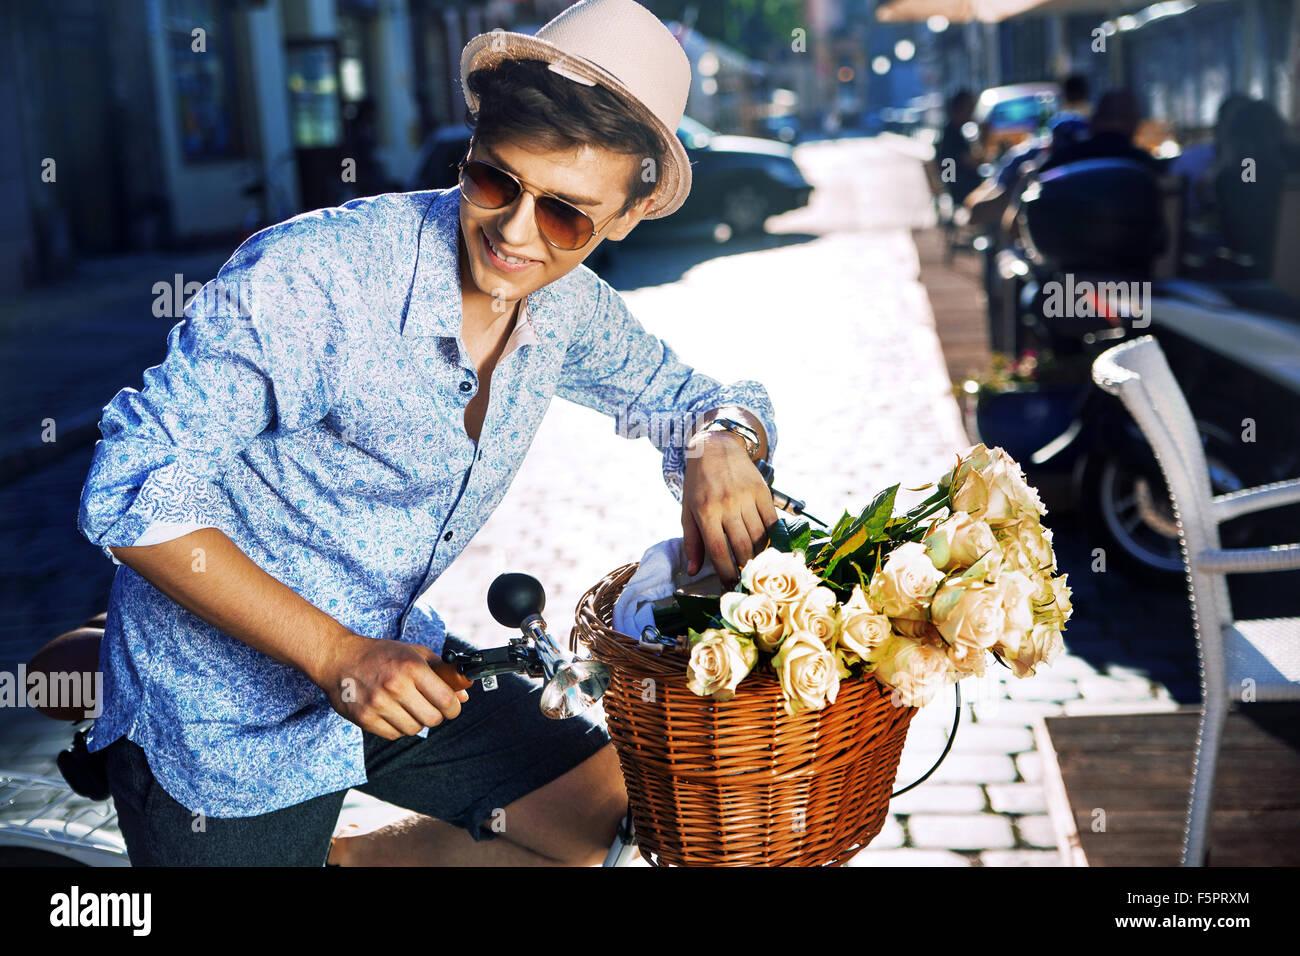 Bel giovane ragazzo con un elegante bike Immagini Stock